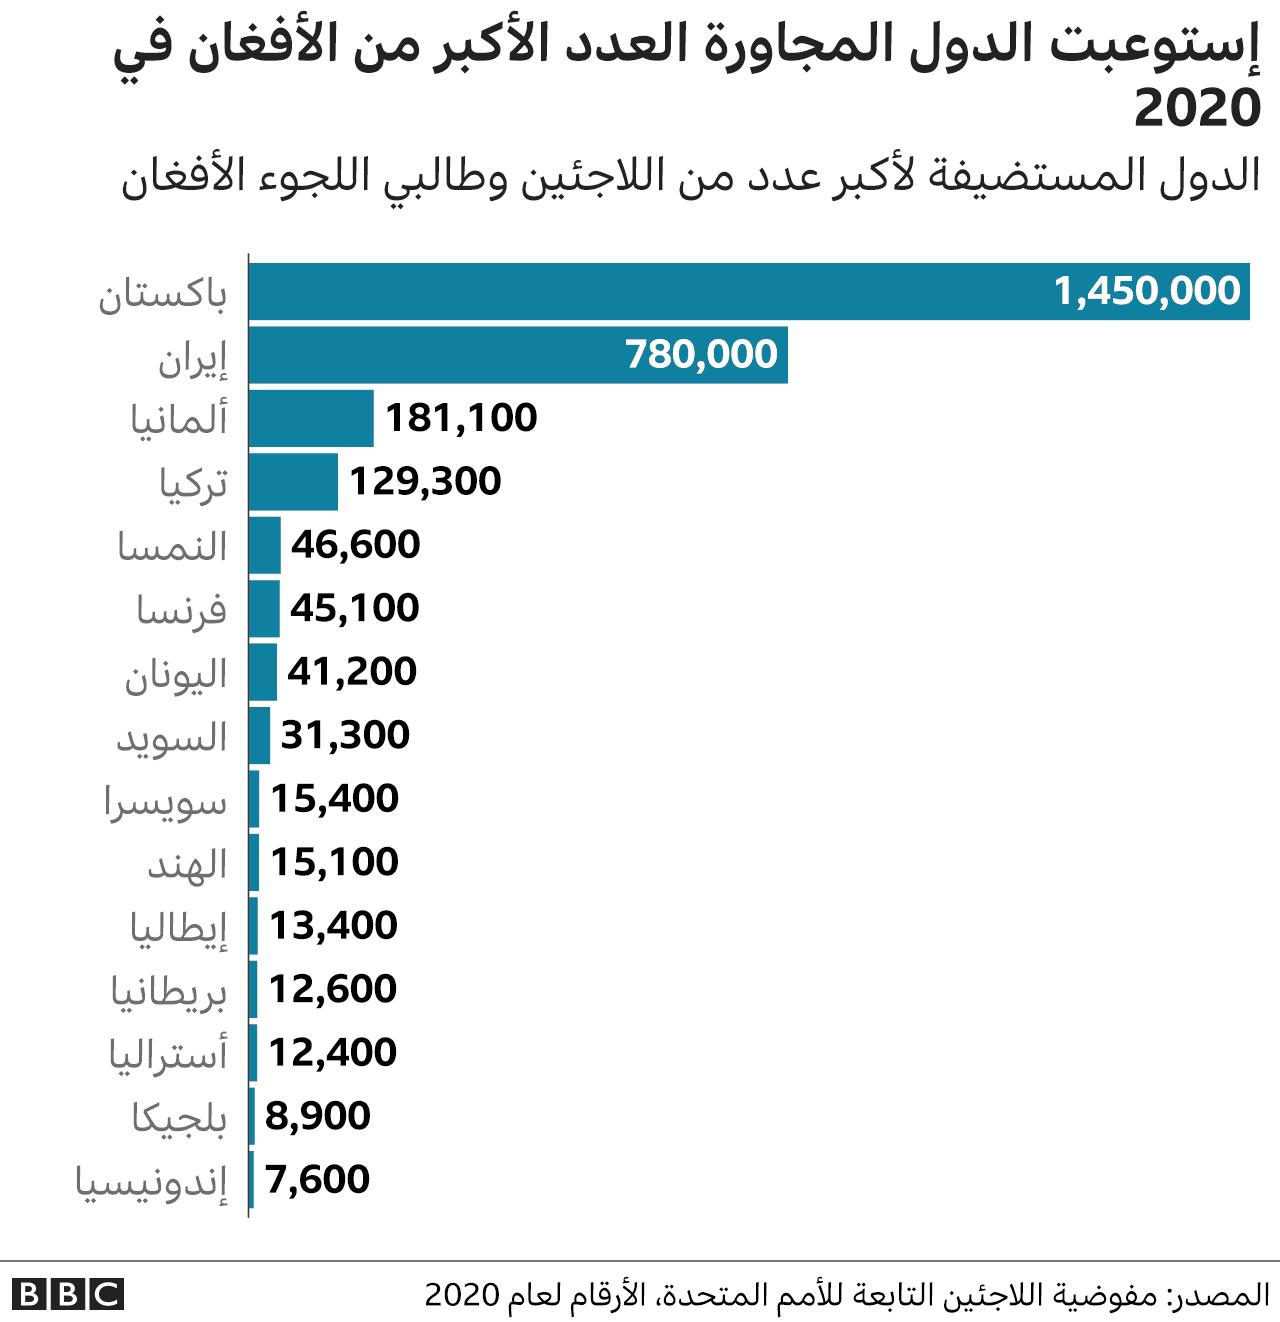 الدول التي فيها عدد أكبر من اللاجئين الأفغان